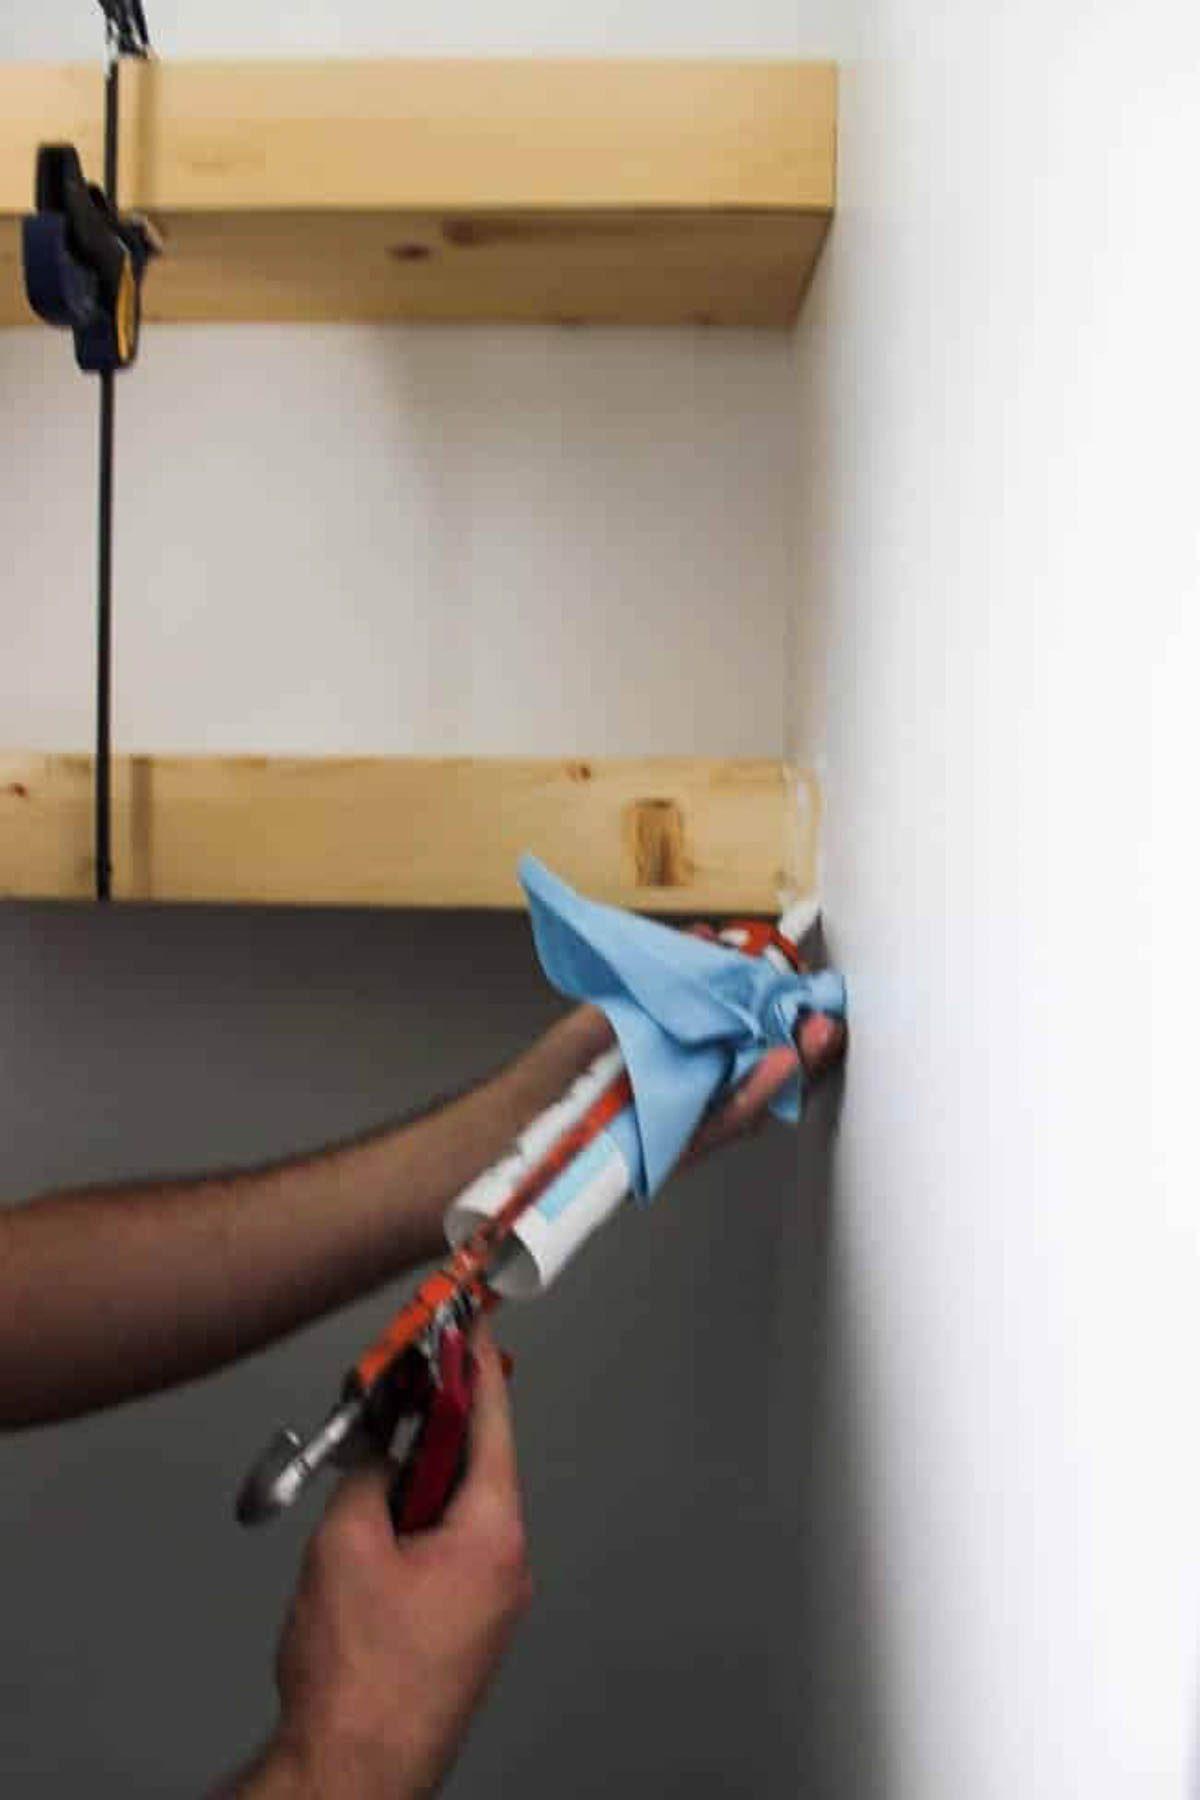 Applying caulk to edges of floating shelves